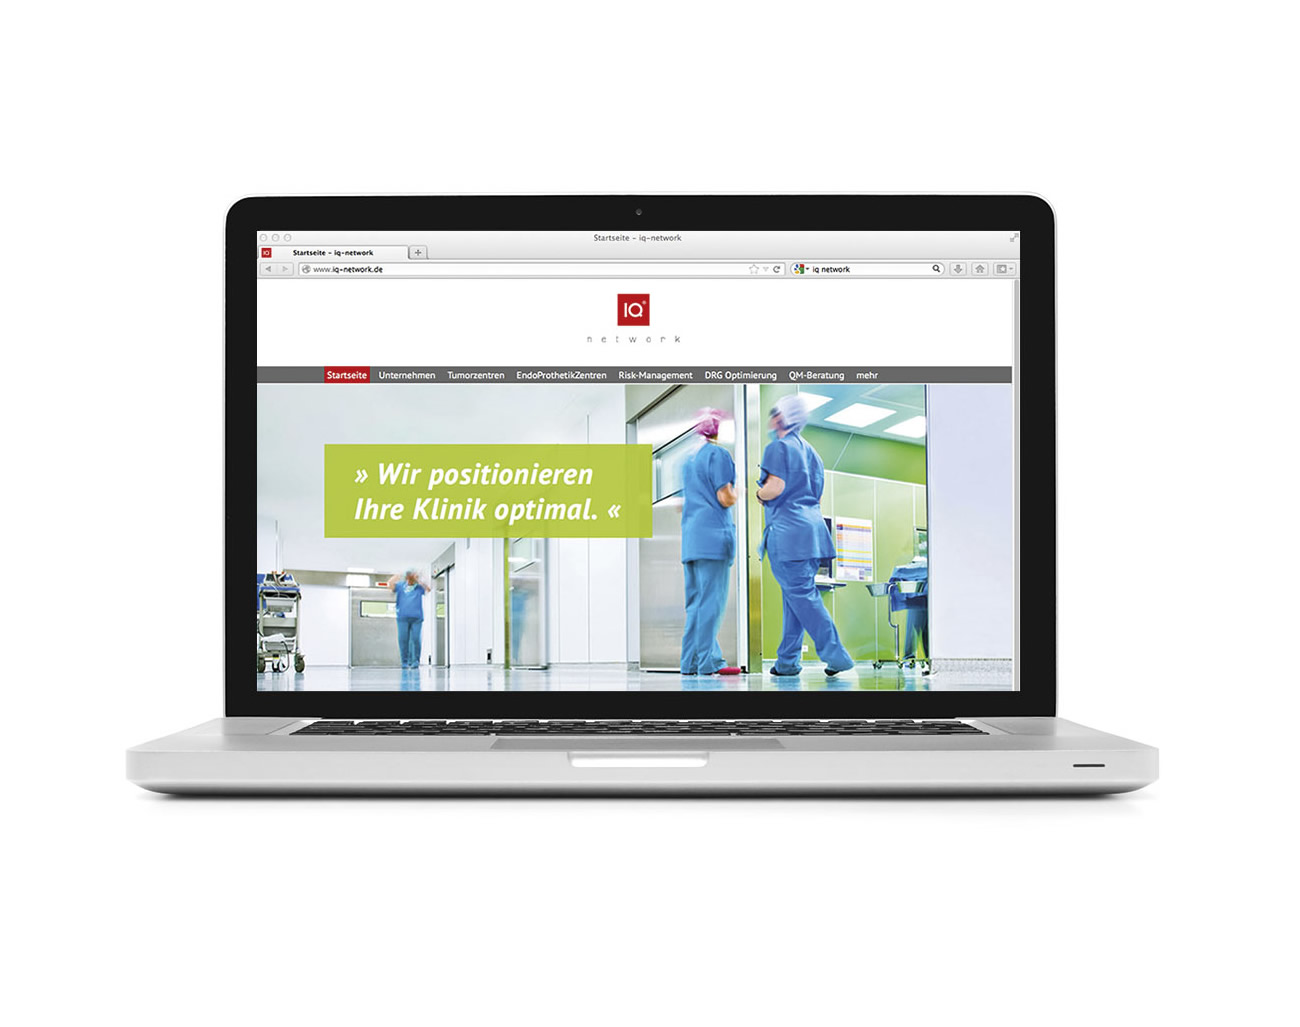 Petra Zimmerer, Büro für Gestaltung, Webseite, responsive, Wordpress, IQ Network, Imagebroschüre, Design by pz